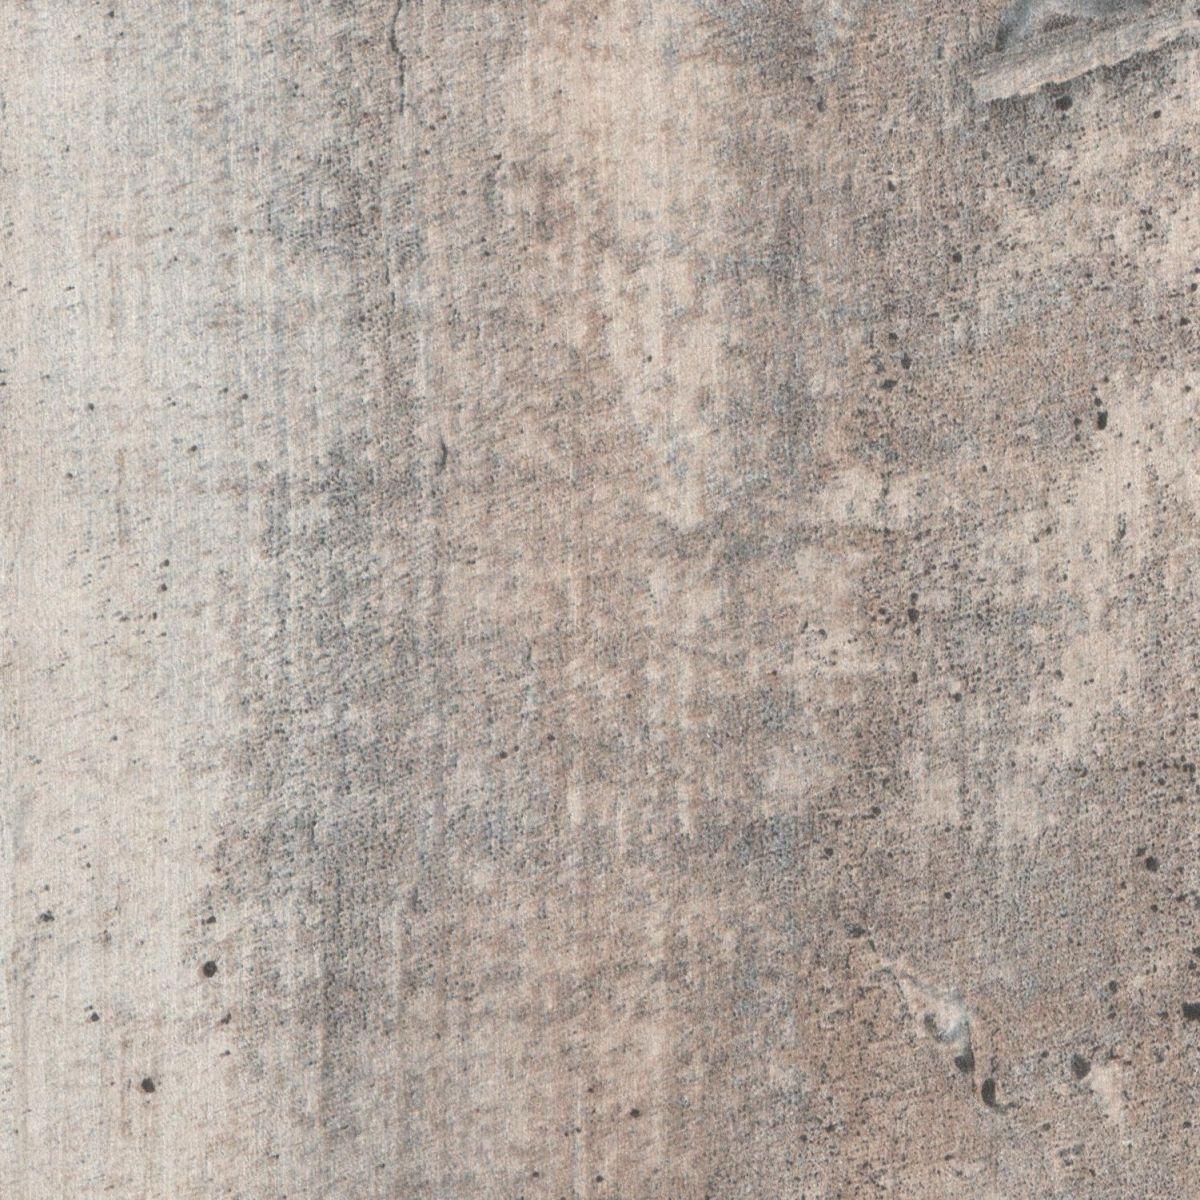 купить бетон в хабаровске цена